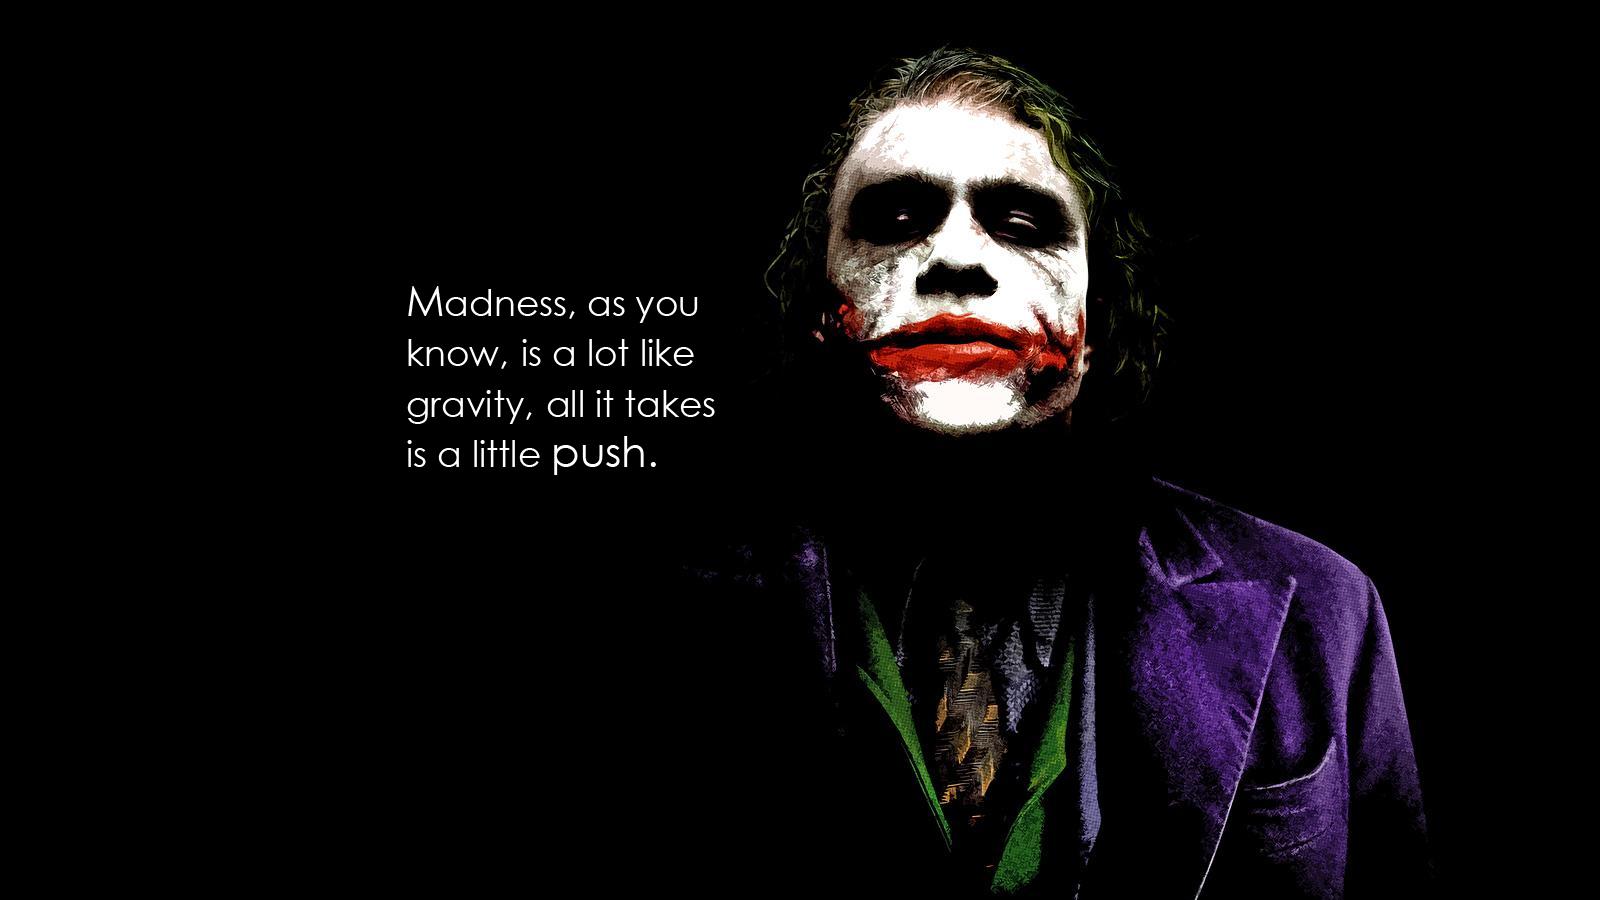 Joker quote from the dark knight 1600x900